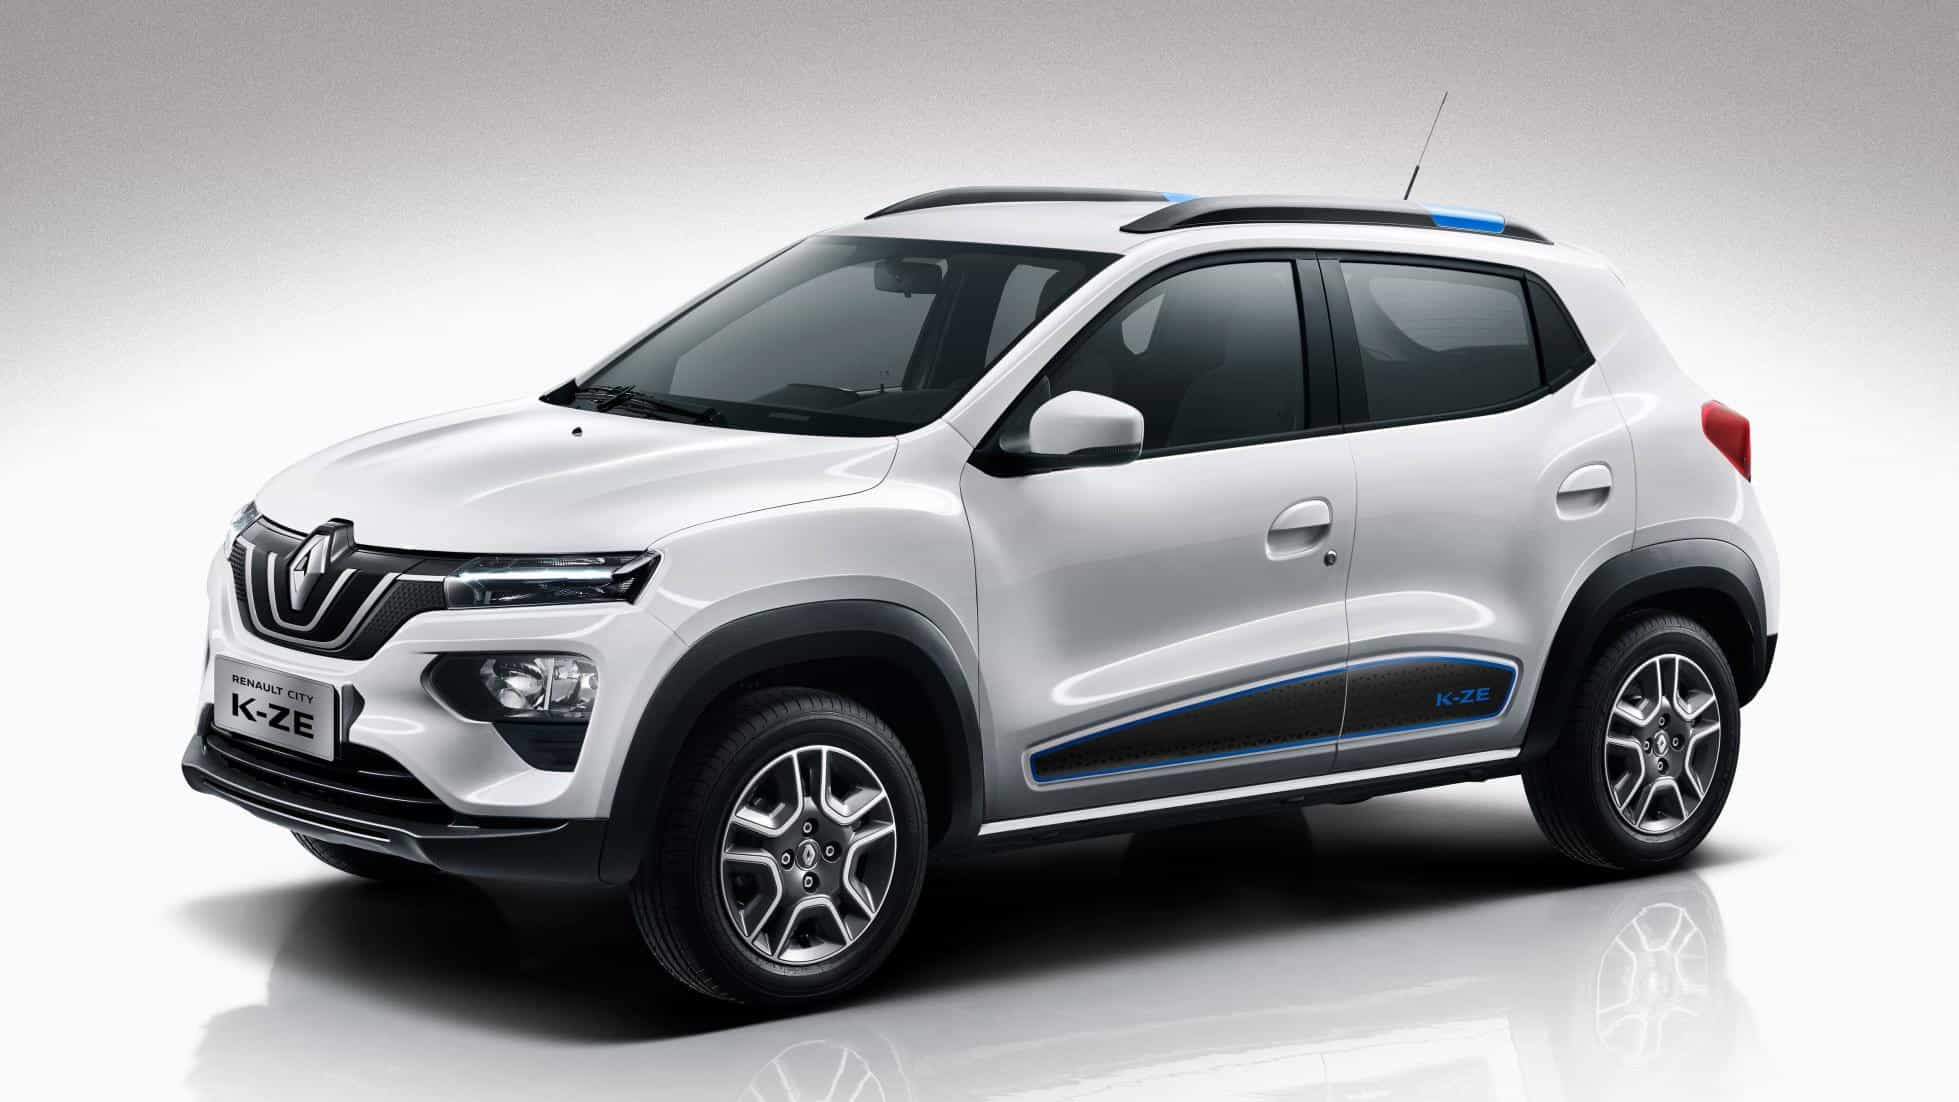 Novo carro elétrico da Renault será lançado no final de 2019